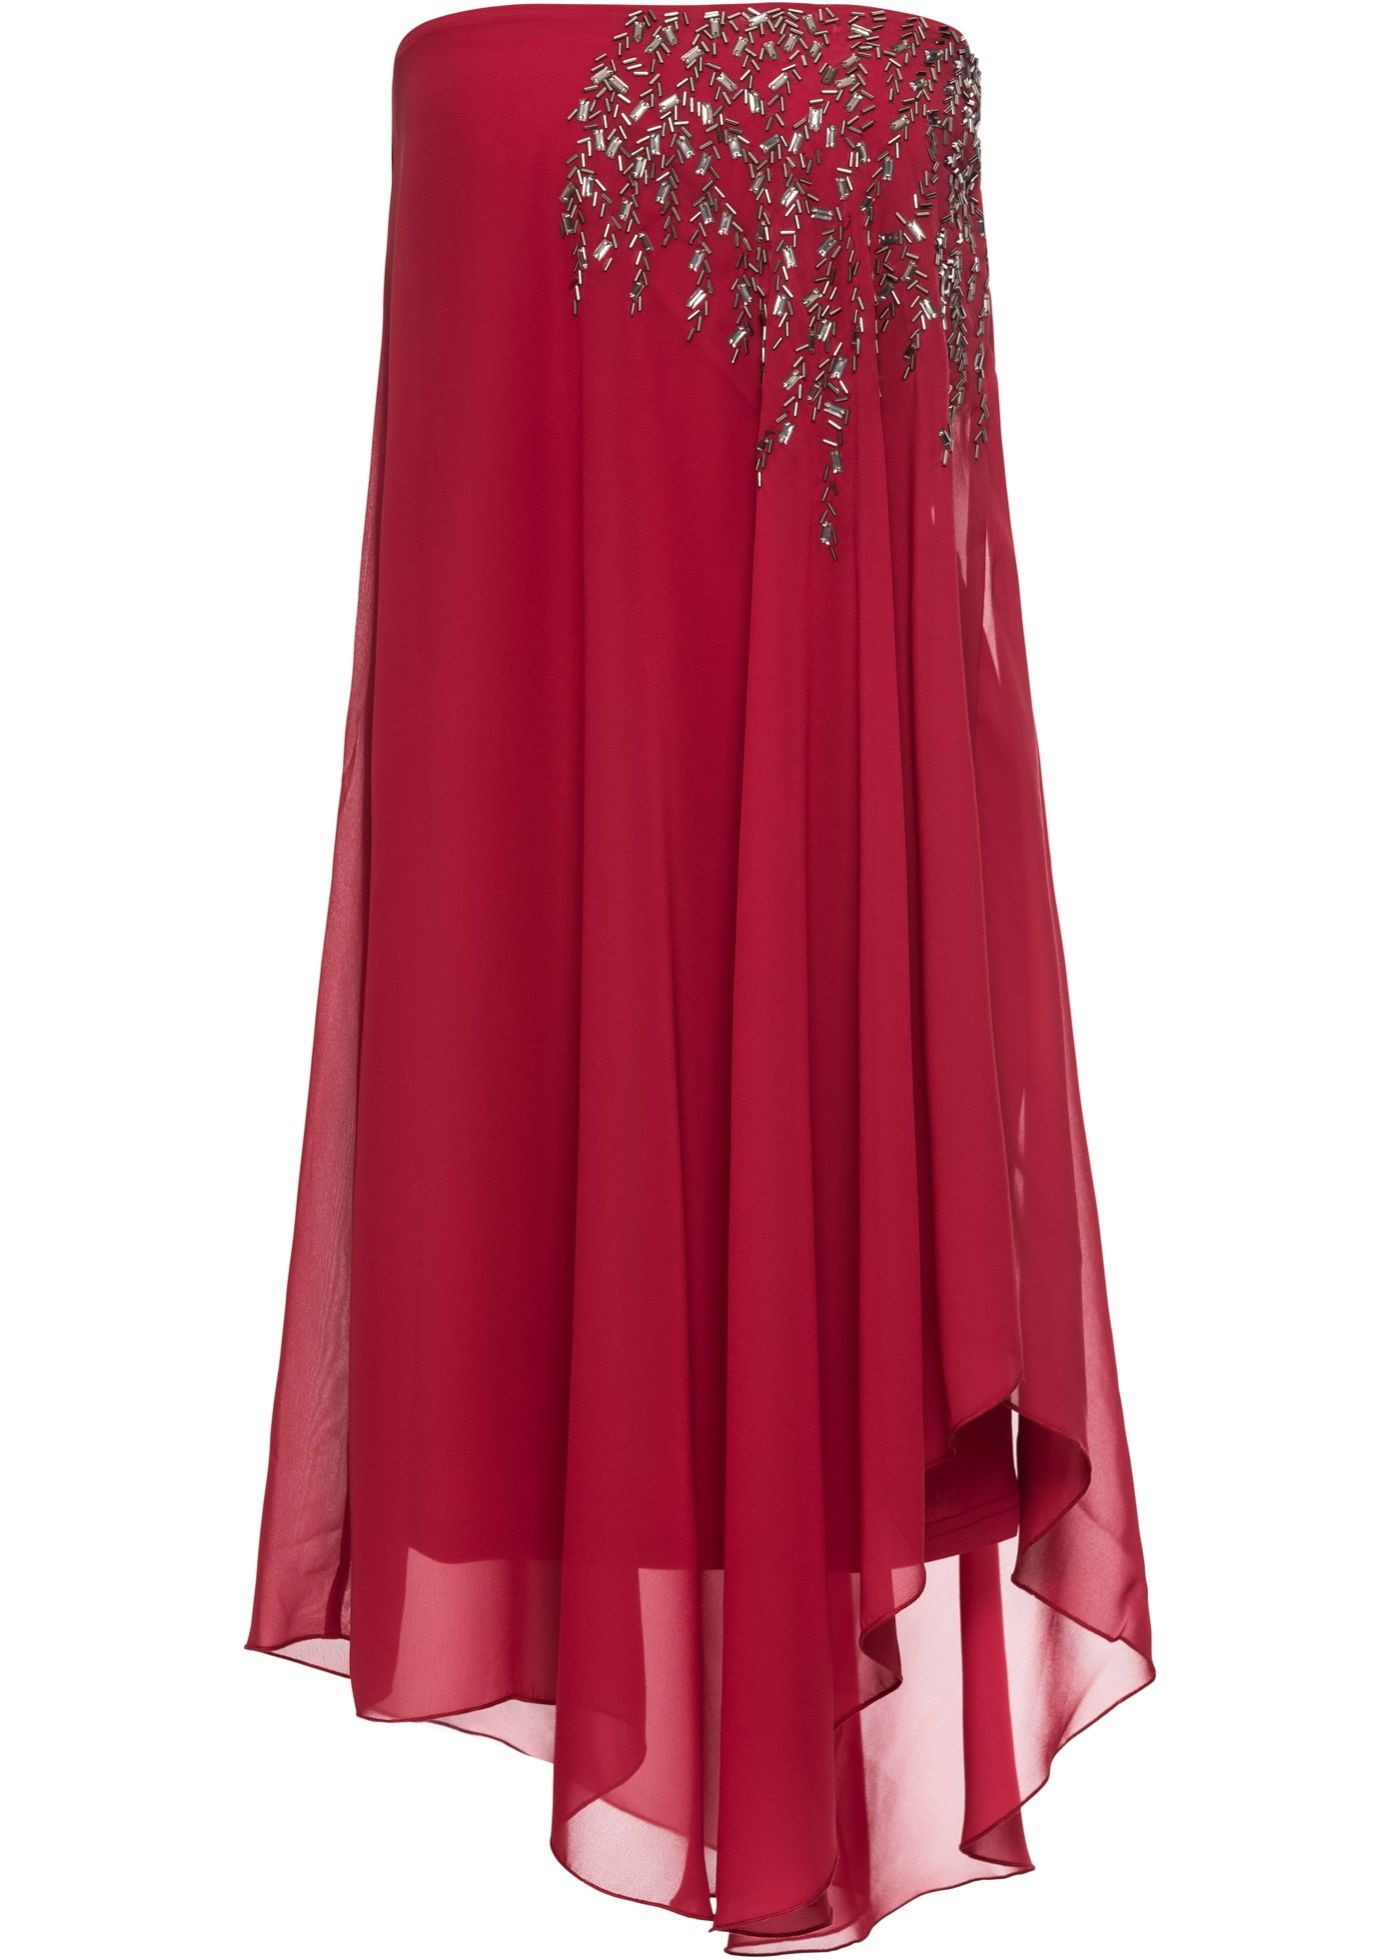 new style 5cb65 84690 Abito monospalla Rosso scuro è ordinabile nello shop on-line ...